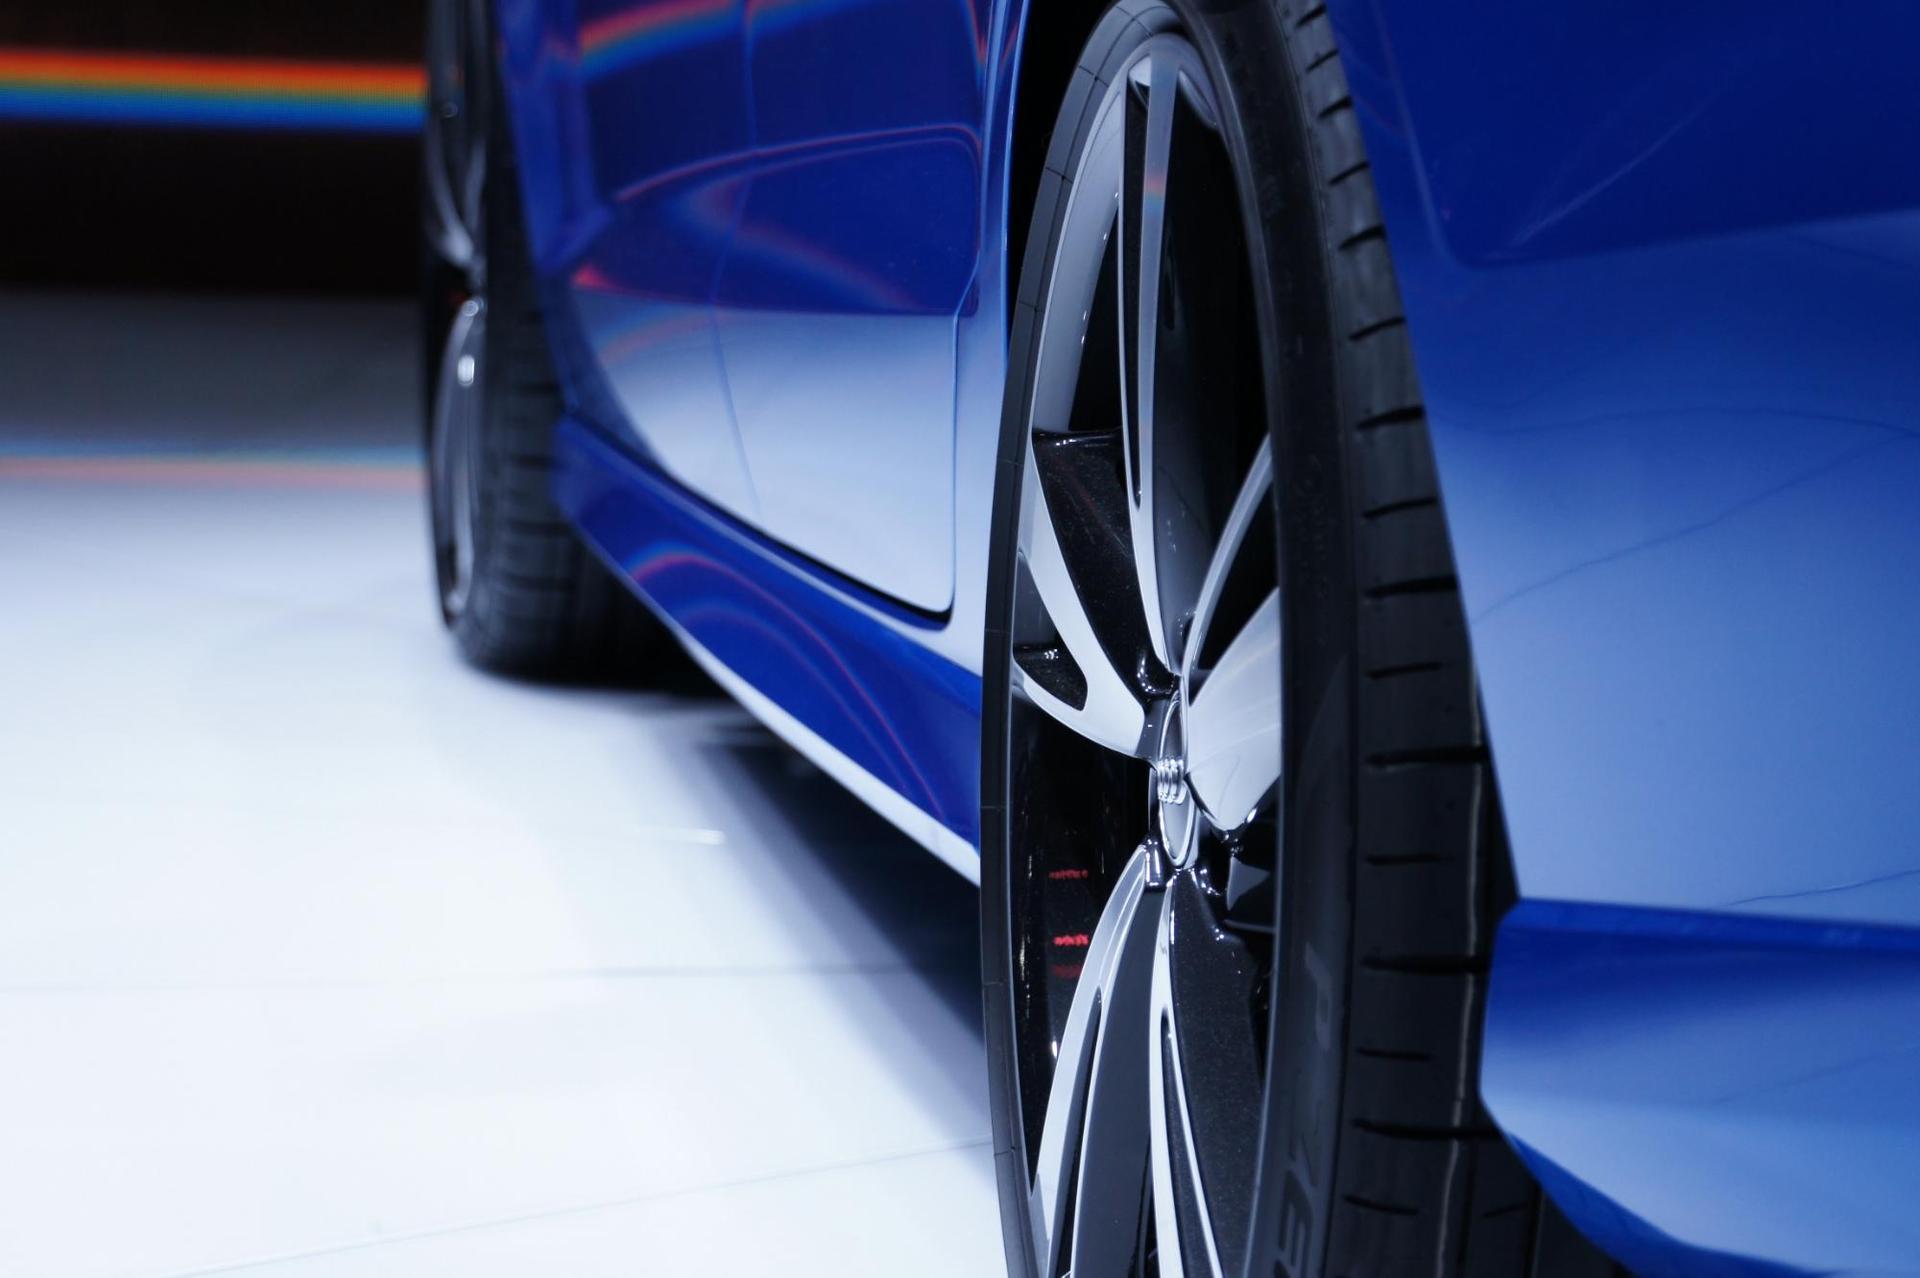 Brand PKW Vermittlung EG-Neuwagen Vertrieb von Neu- & Gebrauchtfahrzeugen